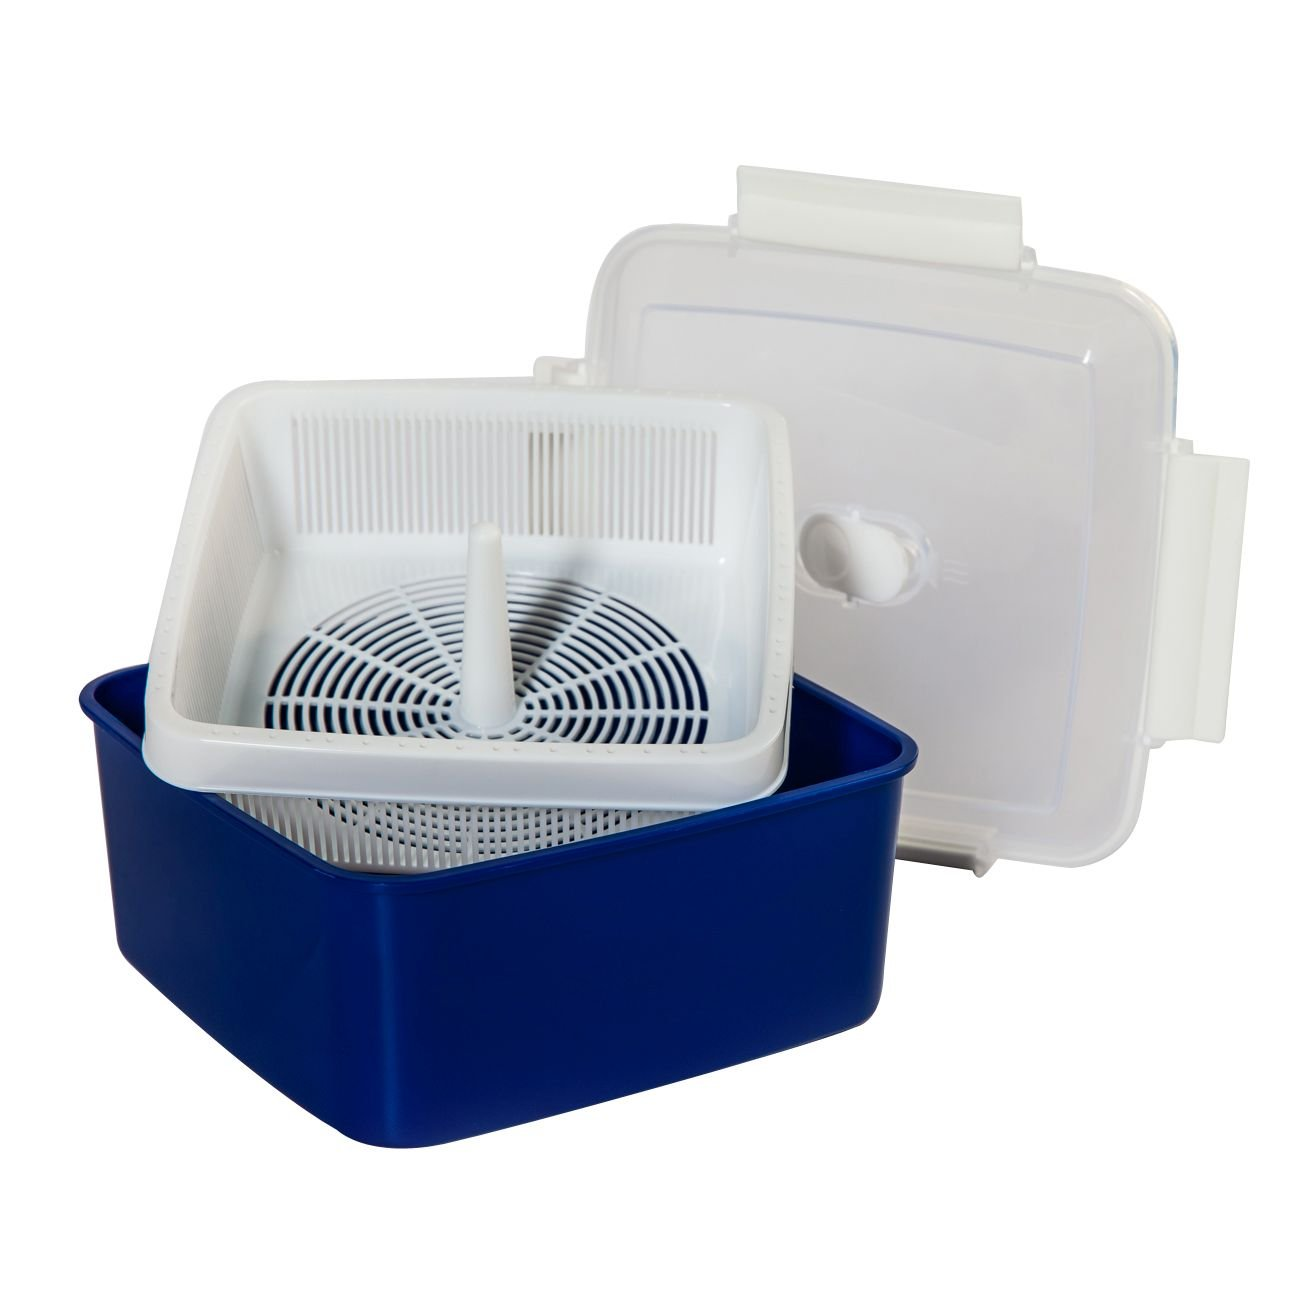 Microondas Cocina al vapor verduras 2, 47 L, con ventilación ...